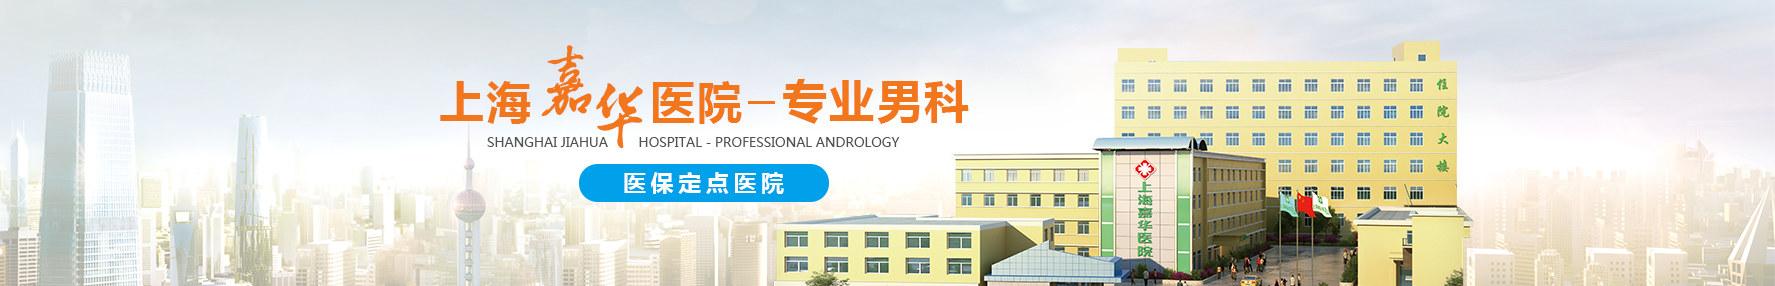 上海嘉华医院